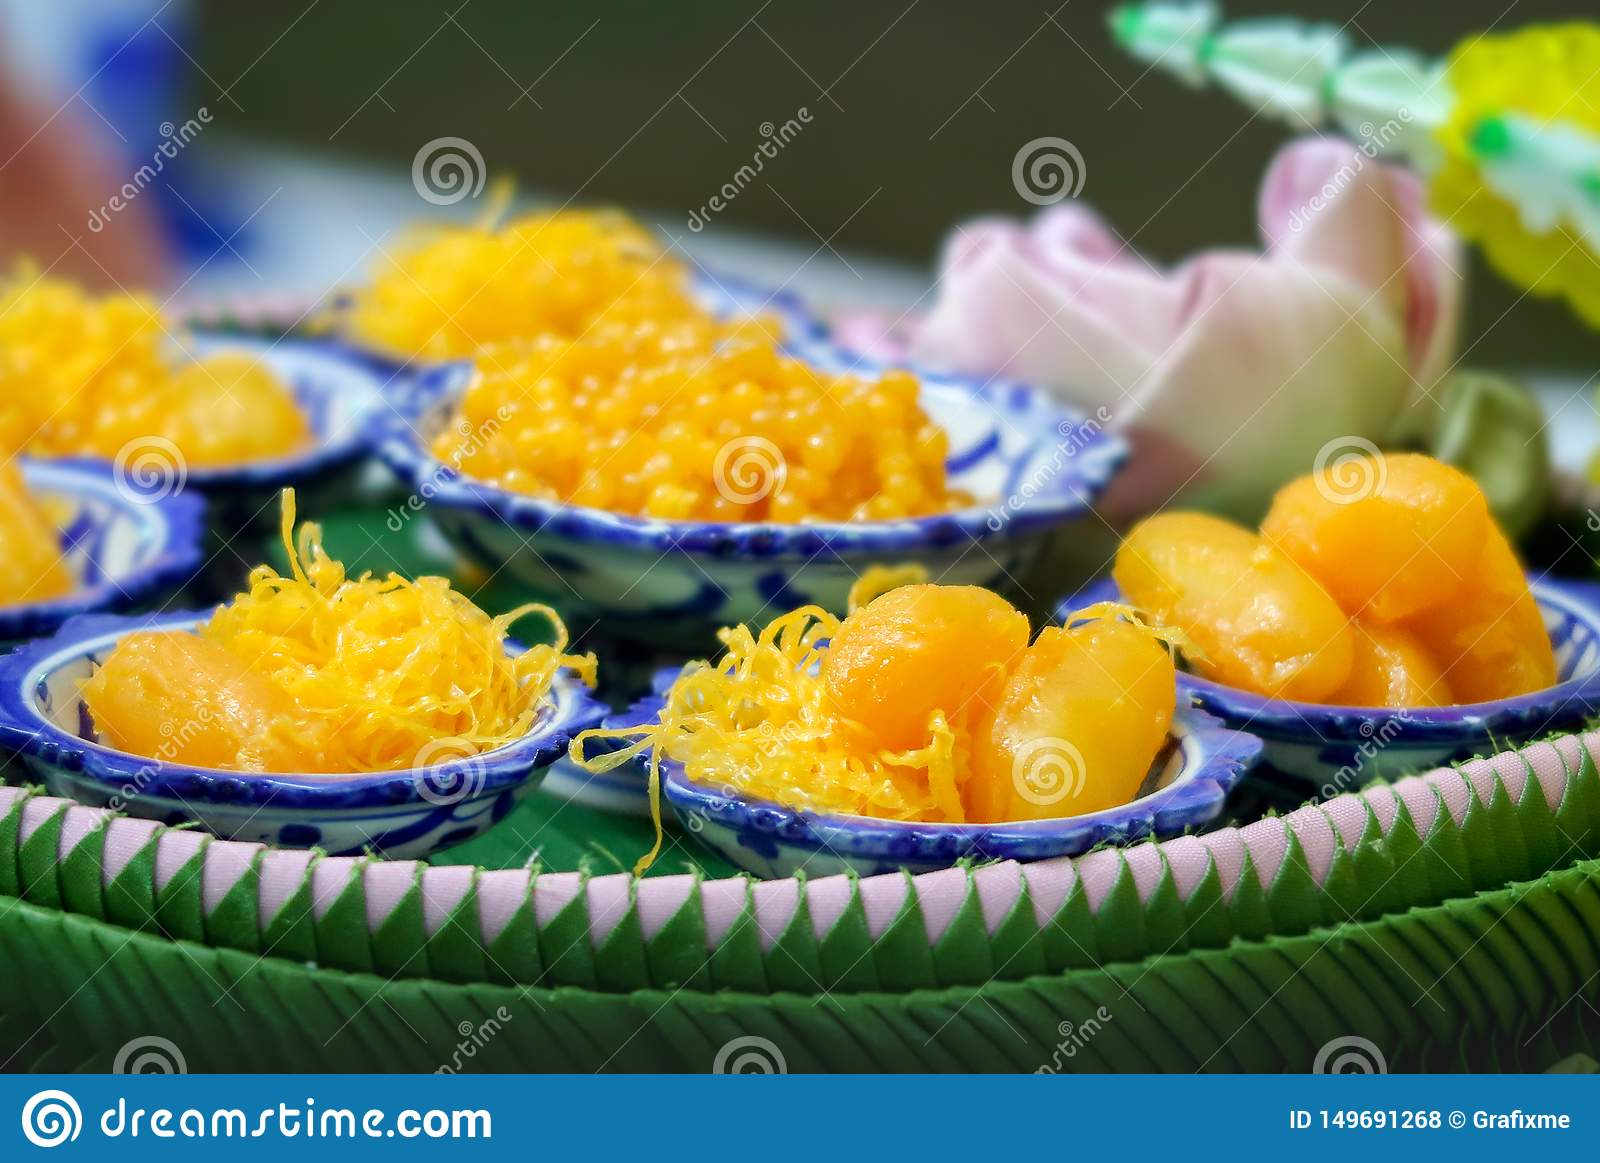 Golden Threads, Med Khanoon or Bean Paste set, Thai sweet desserts